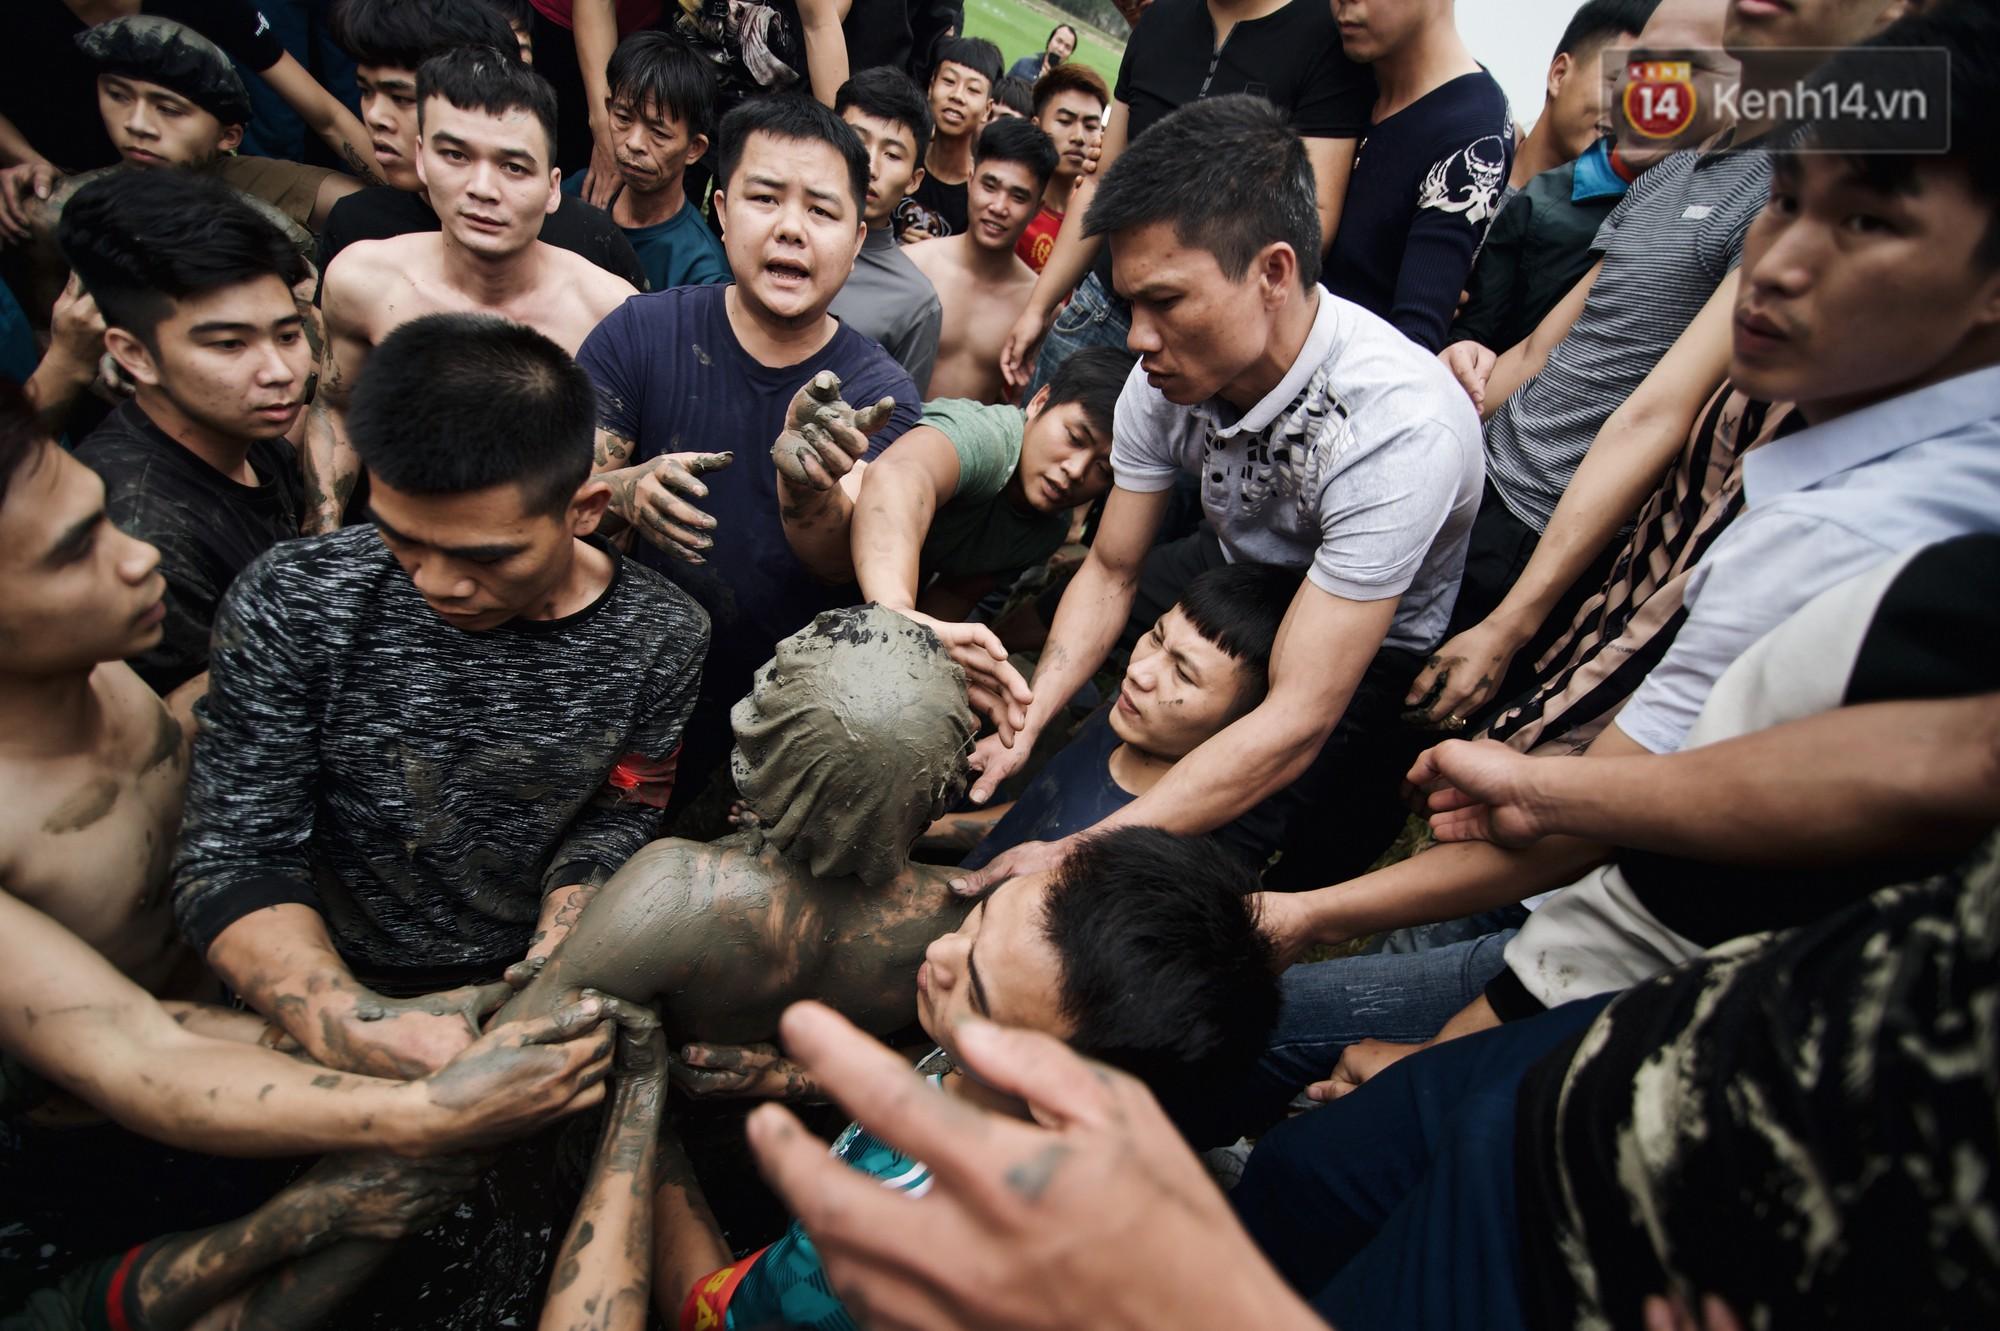 Hàng trăm thanh niên giẫm đạp, tranh cuớp chiếu thiêng mong sinh con trai - Ảnh 6.